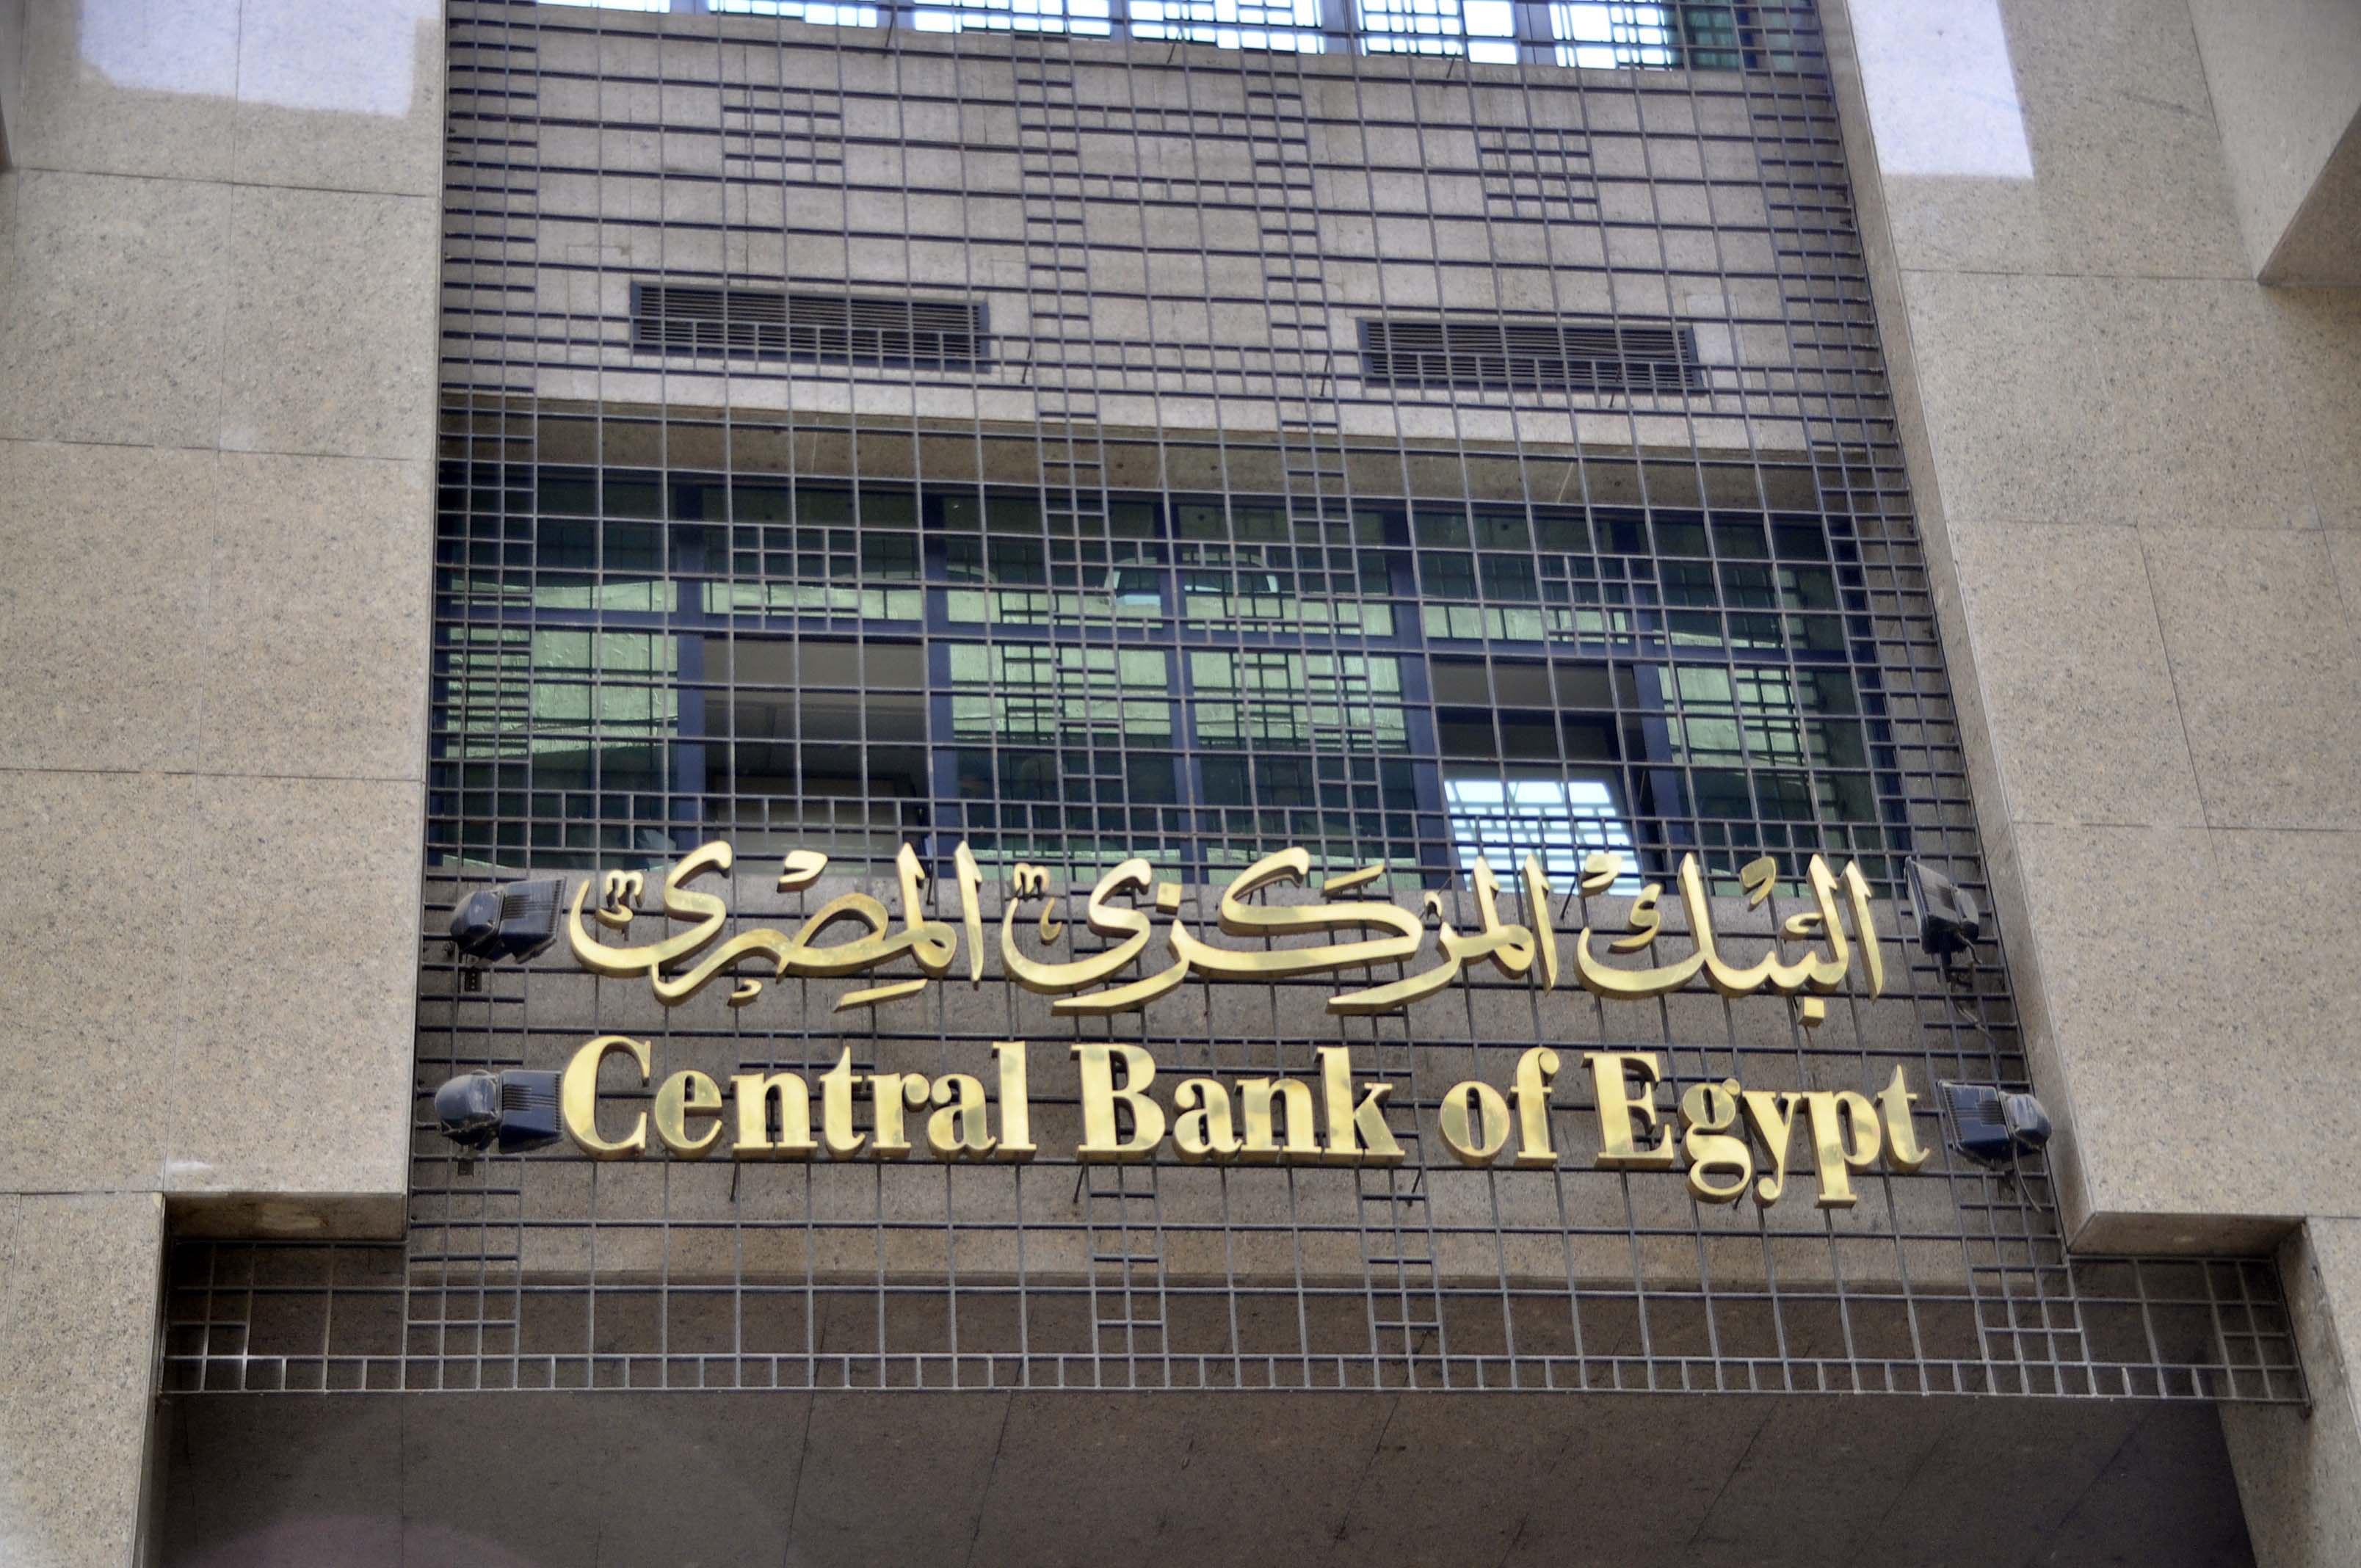 البنك المركزي : ارتفاع معدل التضخم السنوي إلى 8.9% في أكتوبر الماضي